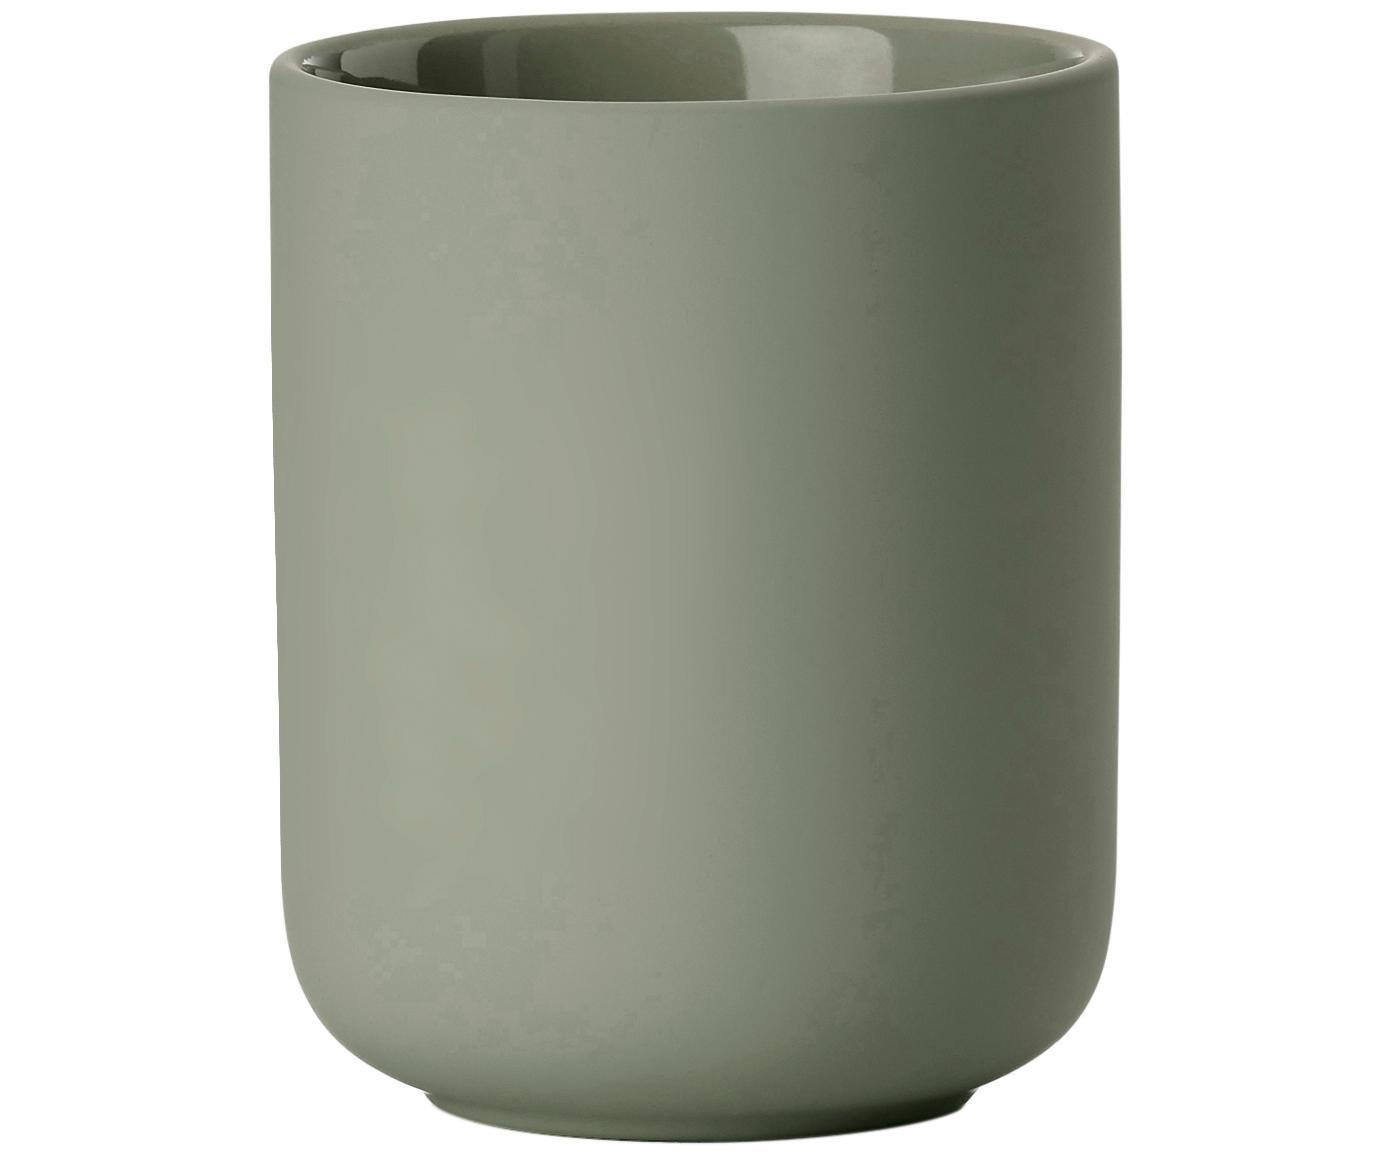 Zahnputzbecher Ume aus Steingut, Steingut überzogen mit Soft-touch-Oberfläche (Kunststoff), Eukalyptusgrün, Ø 8 x H 10 cm